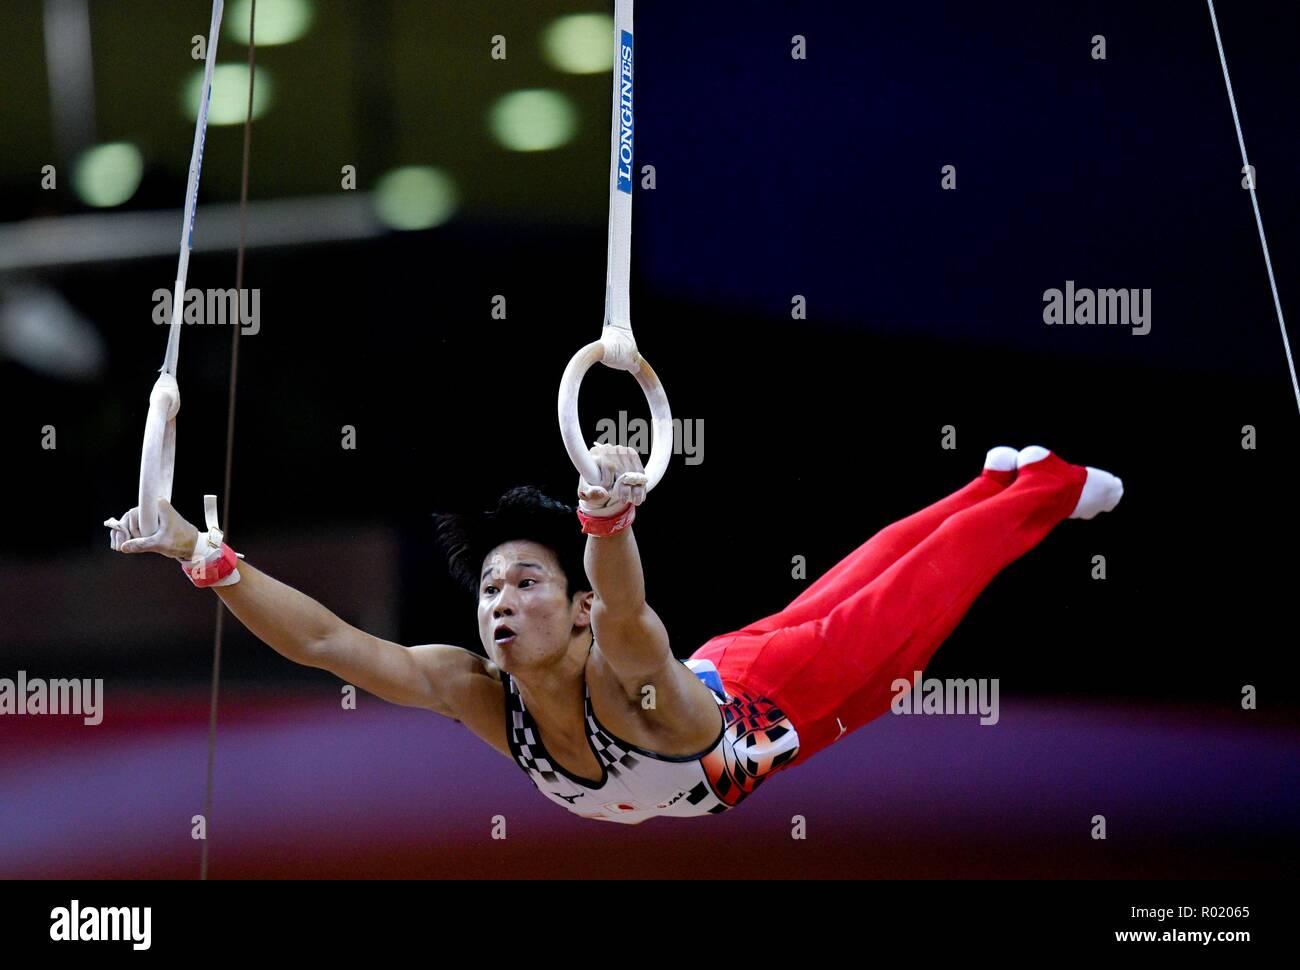 Doha in Qatar. 31 ott 2018. Kaya Kazuma di Giappone esegue sugli anelli durante l'uomo tutto attorno alla finale al 2018 figura di Ginnastica Artistica Campionati del Mondo a Doha, capitale del Qatar, il 31 ottobre 2018. Credito: Nikku/Xinhua/Alamy Live News Foto Stock